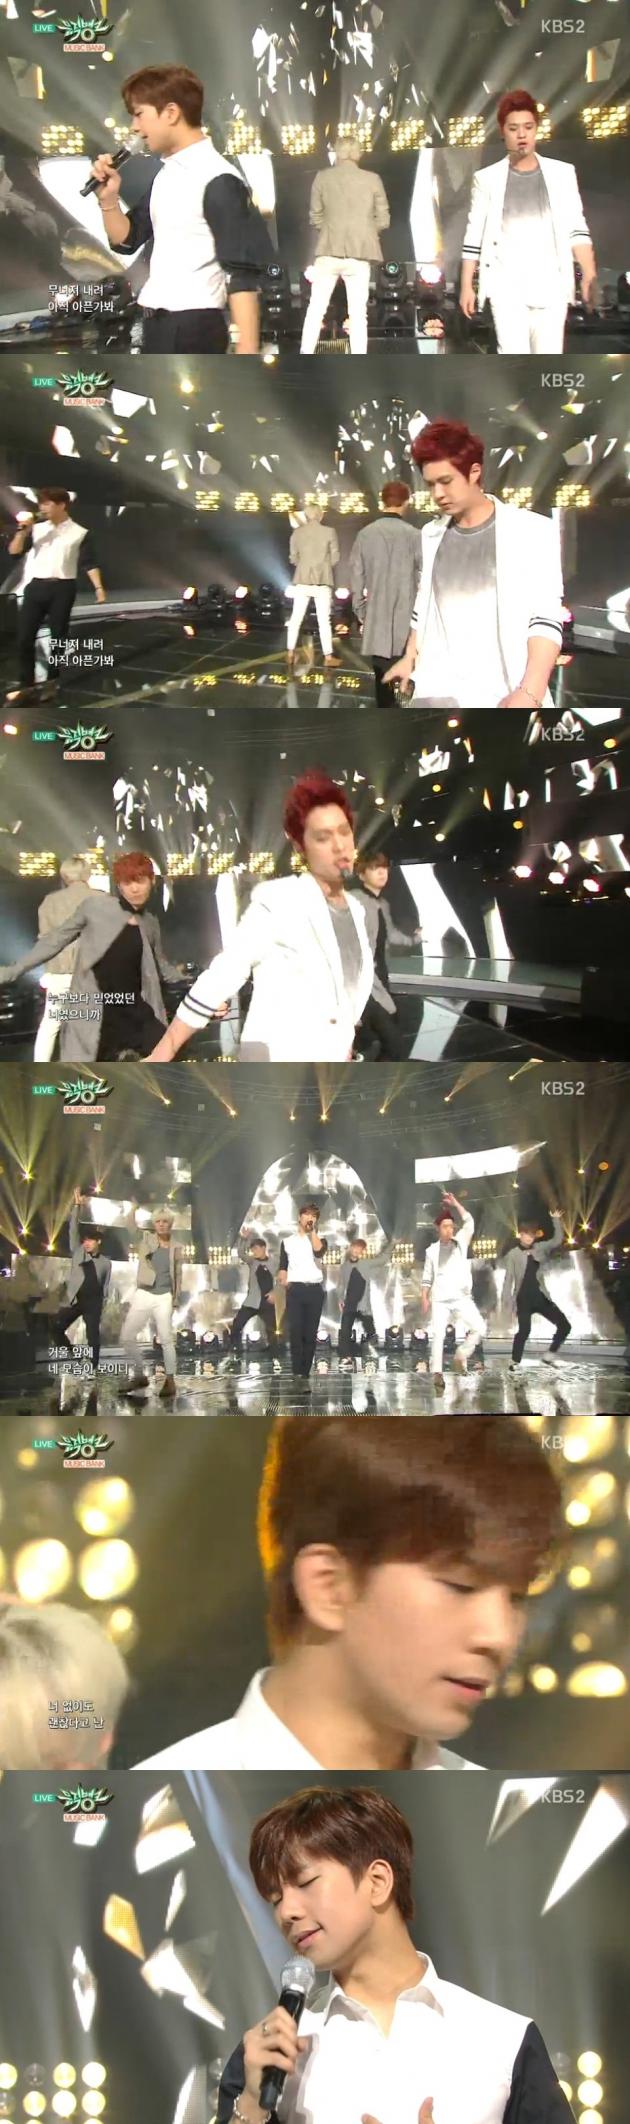 뮤직뱅크 엠블랙 / 뮤직뱅크 엠블랙 사진=KBS2 방송 캡처